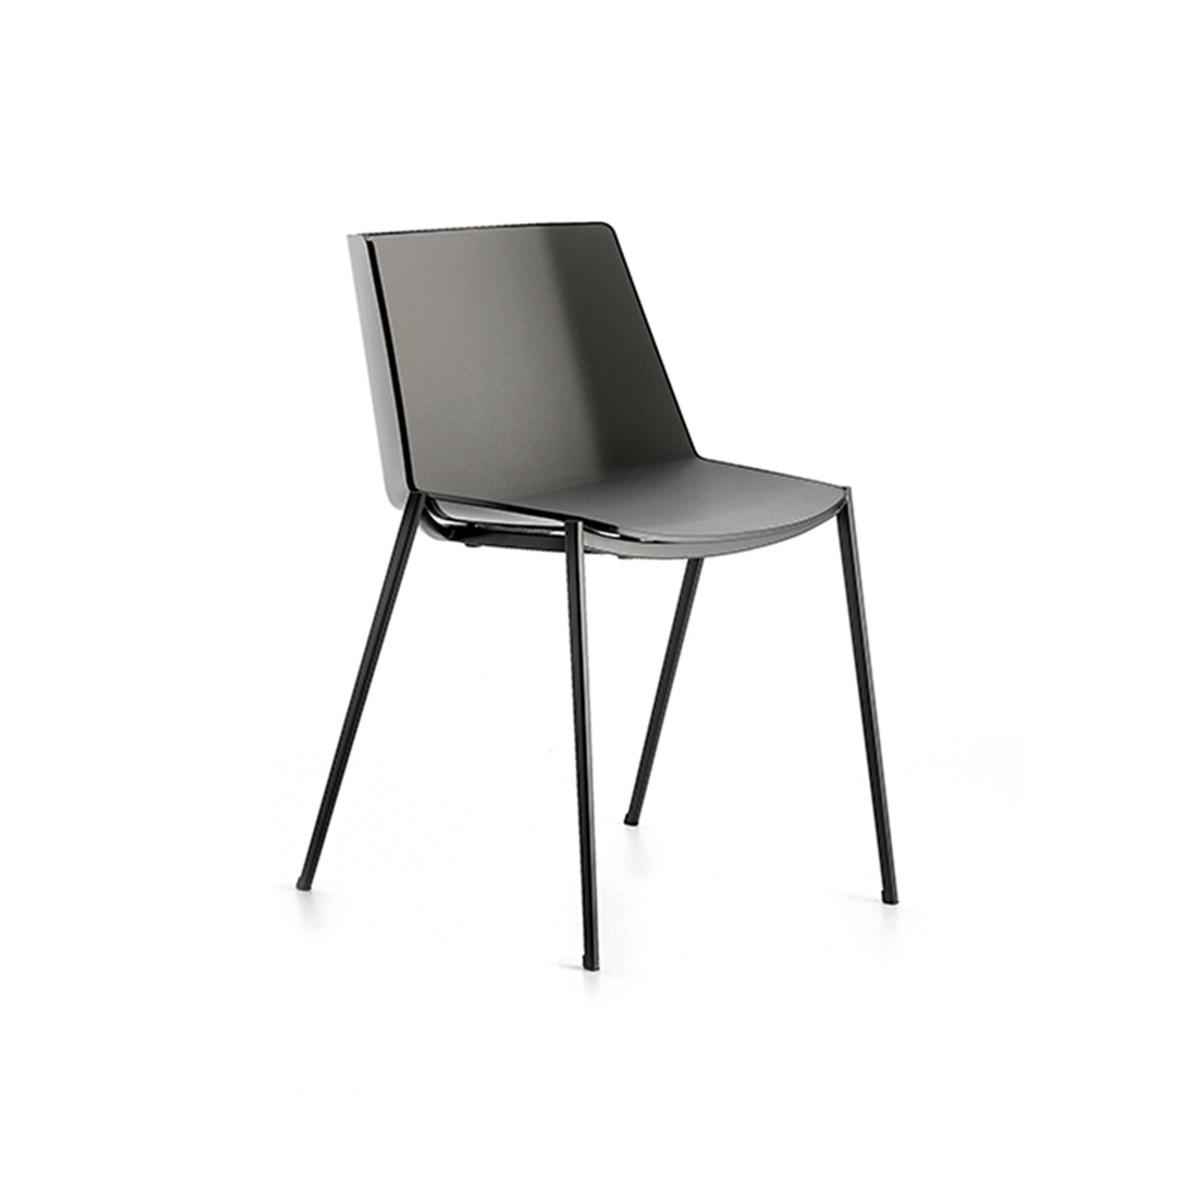 MDF-Italia-Jean-Marie-Massaud-AÏKU-Chair-Matisse-1